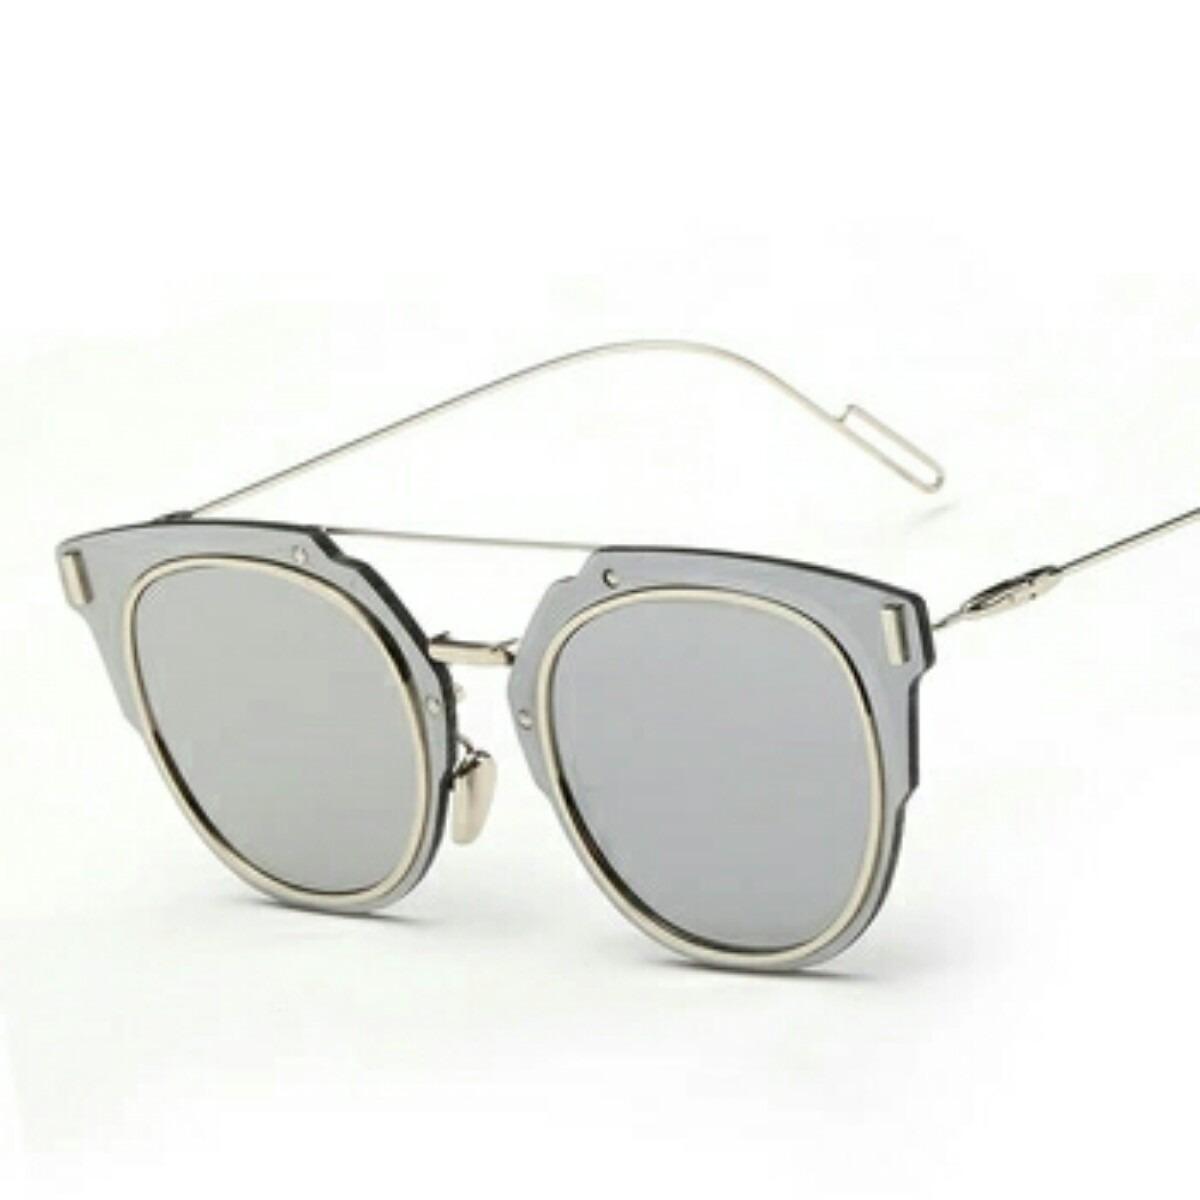 c41b90611 oculos de sol justin bieber - importado, frete grátis! Carregando zoom.